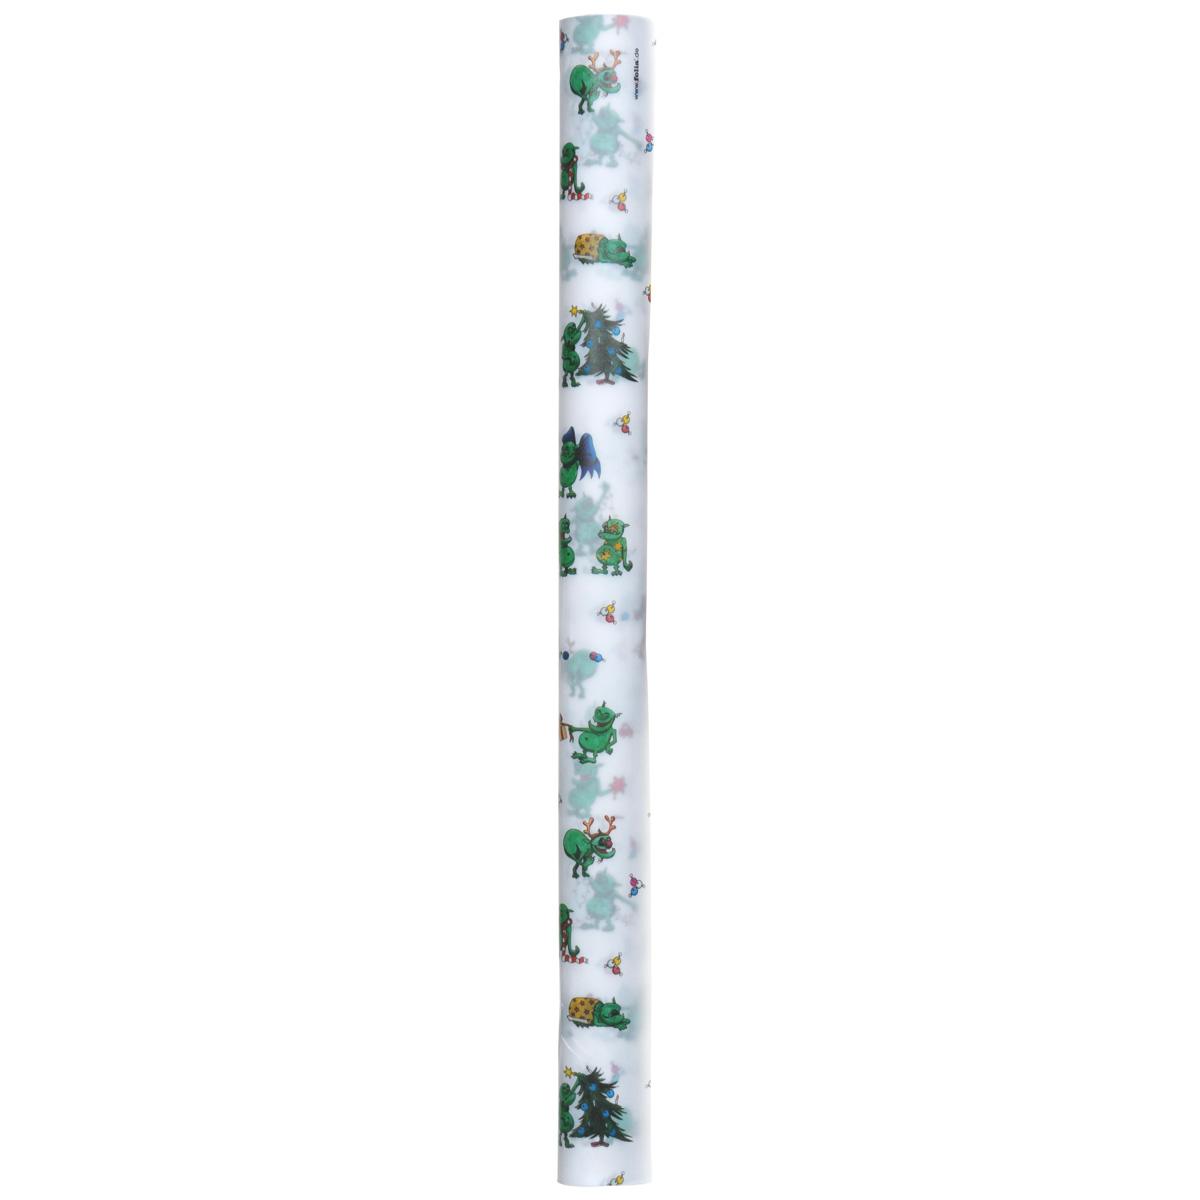 Транспарентная бумага Folia Рождественские тролли, цвет: белый, зеленый, 50,5 x 70 см7708115Транспарентная бумага Folia Рождественские тролли - полупрозрачная бумага с оригинальным дизайном в виде различных троллей. Используется для изготовления открыток, для скрапбукинга и других декоративных или дизайнерских работ. Бумага прекрасно держит форму, не пачкает руки, отлично крепится. Конструирование из транспарентной бумаги - необходимый для развития детей процесс. Во время занятия аппликацией ребенок сумеет разработать четкость движений, ловкость пальцев, аккуратность и внимательность. Кроме того, транспарентная бумага позволит разнообразить идеи ребенка при создании творческих работ.